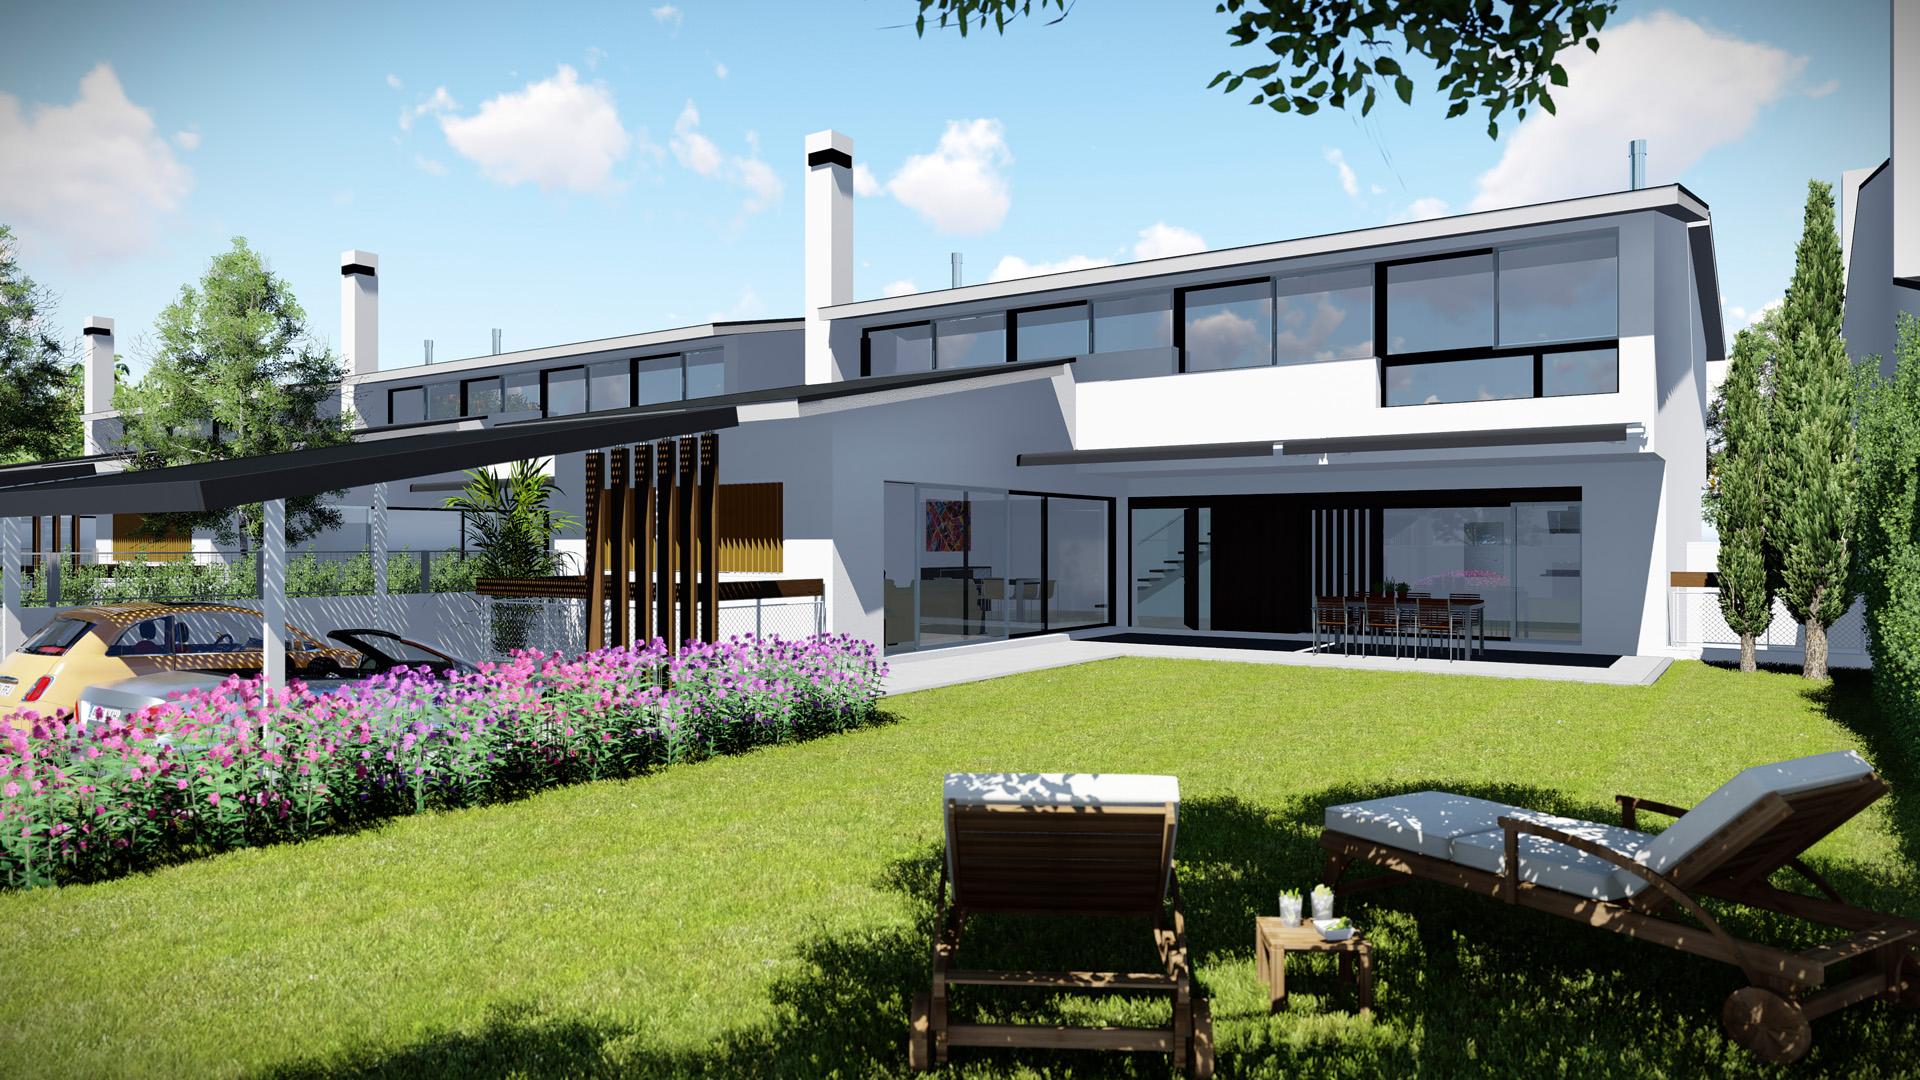 Gesvieco gestores inmobiliarios - Casas con jardines ...